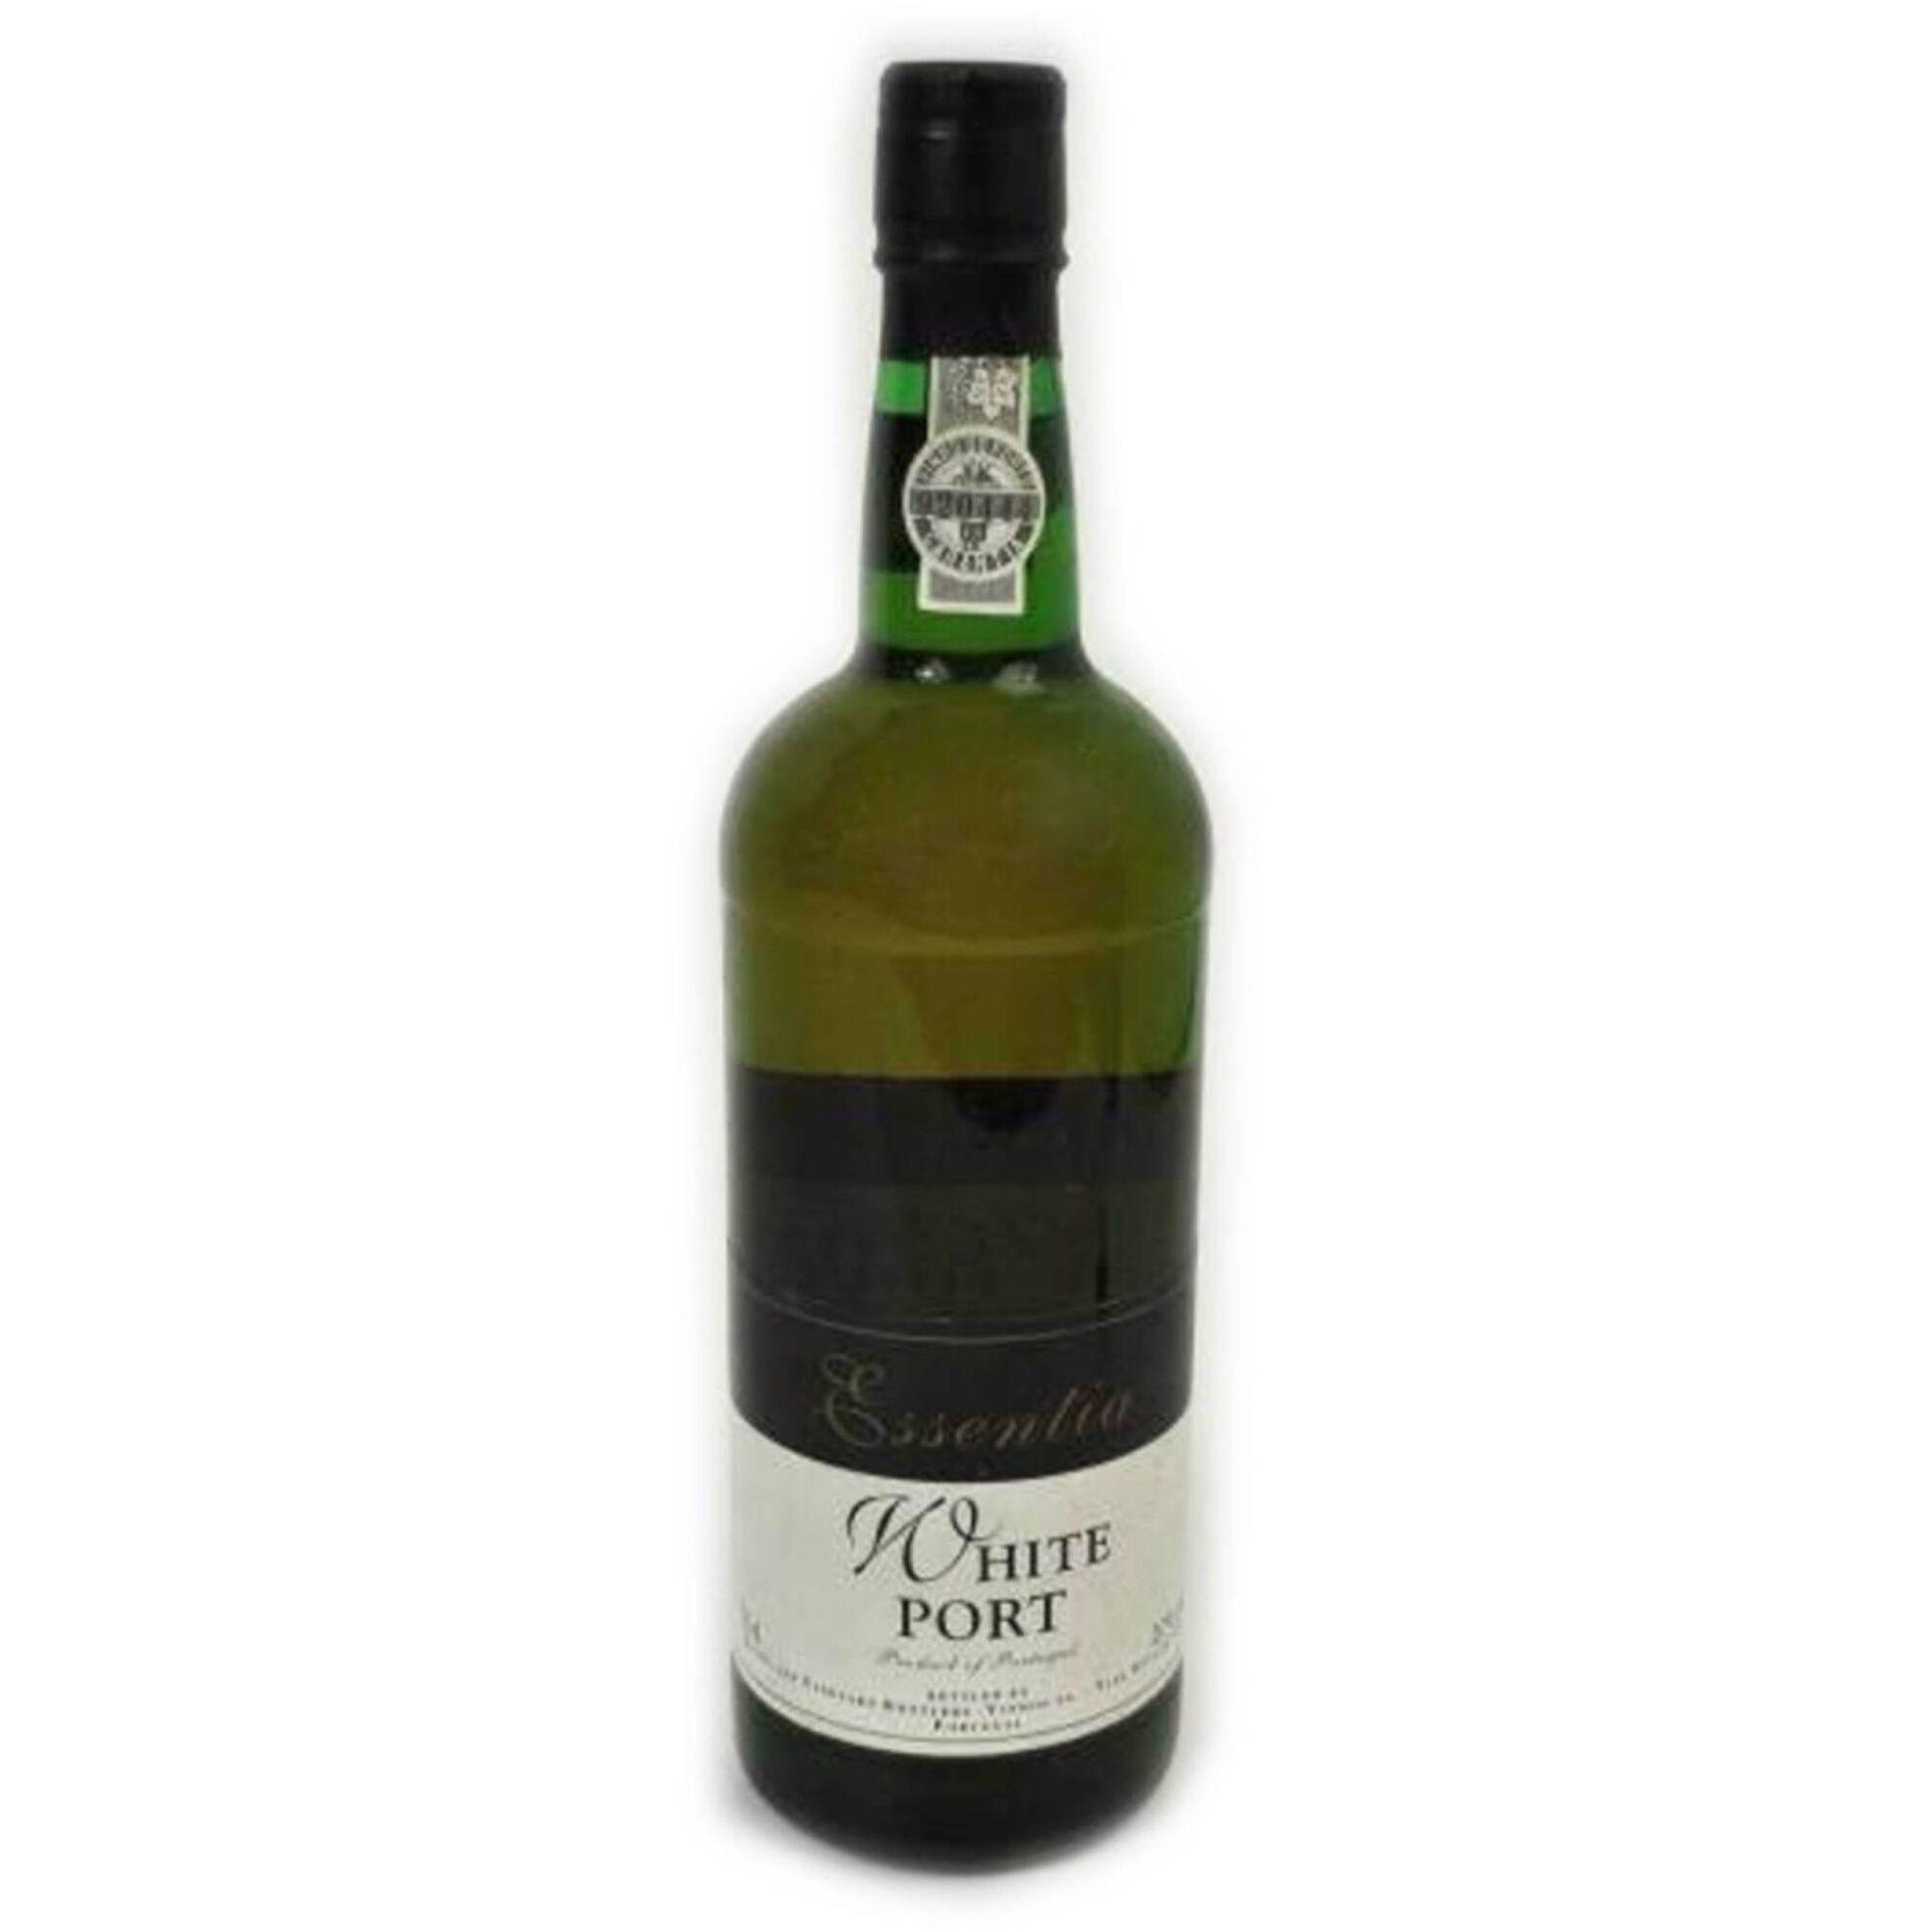 Essentia Vinho do Porto White